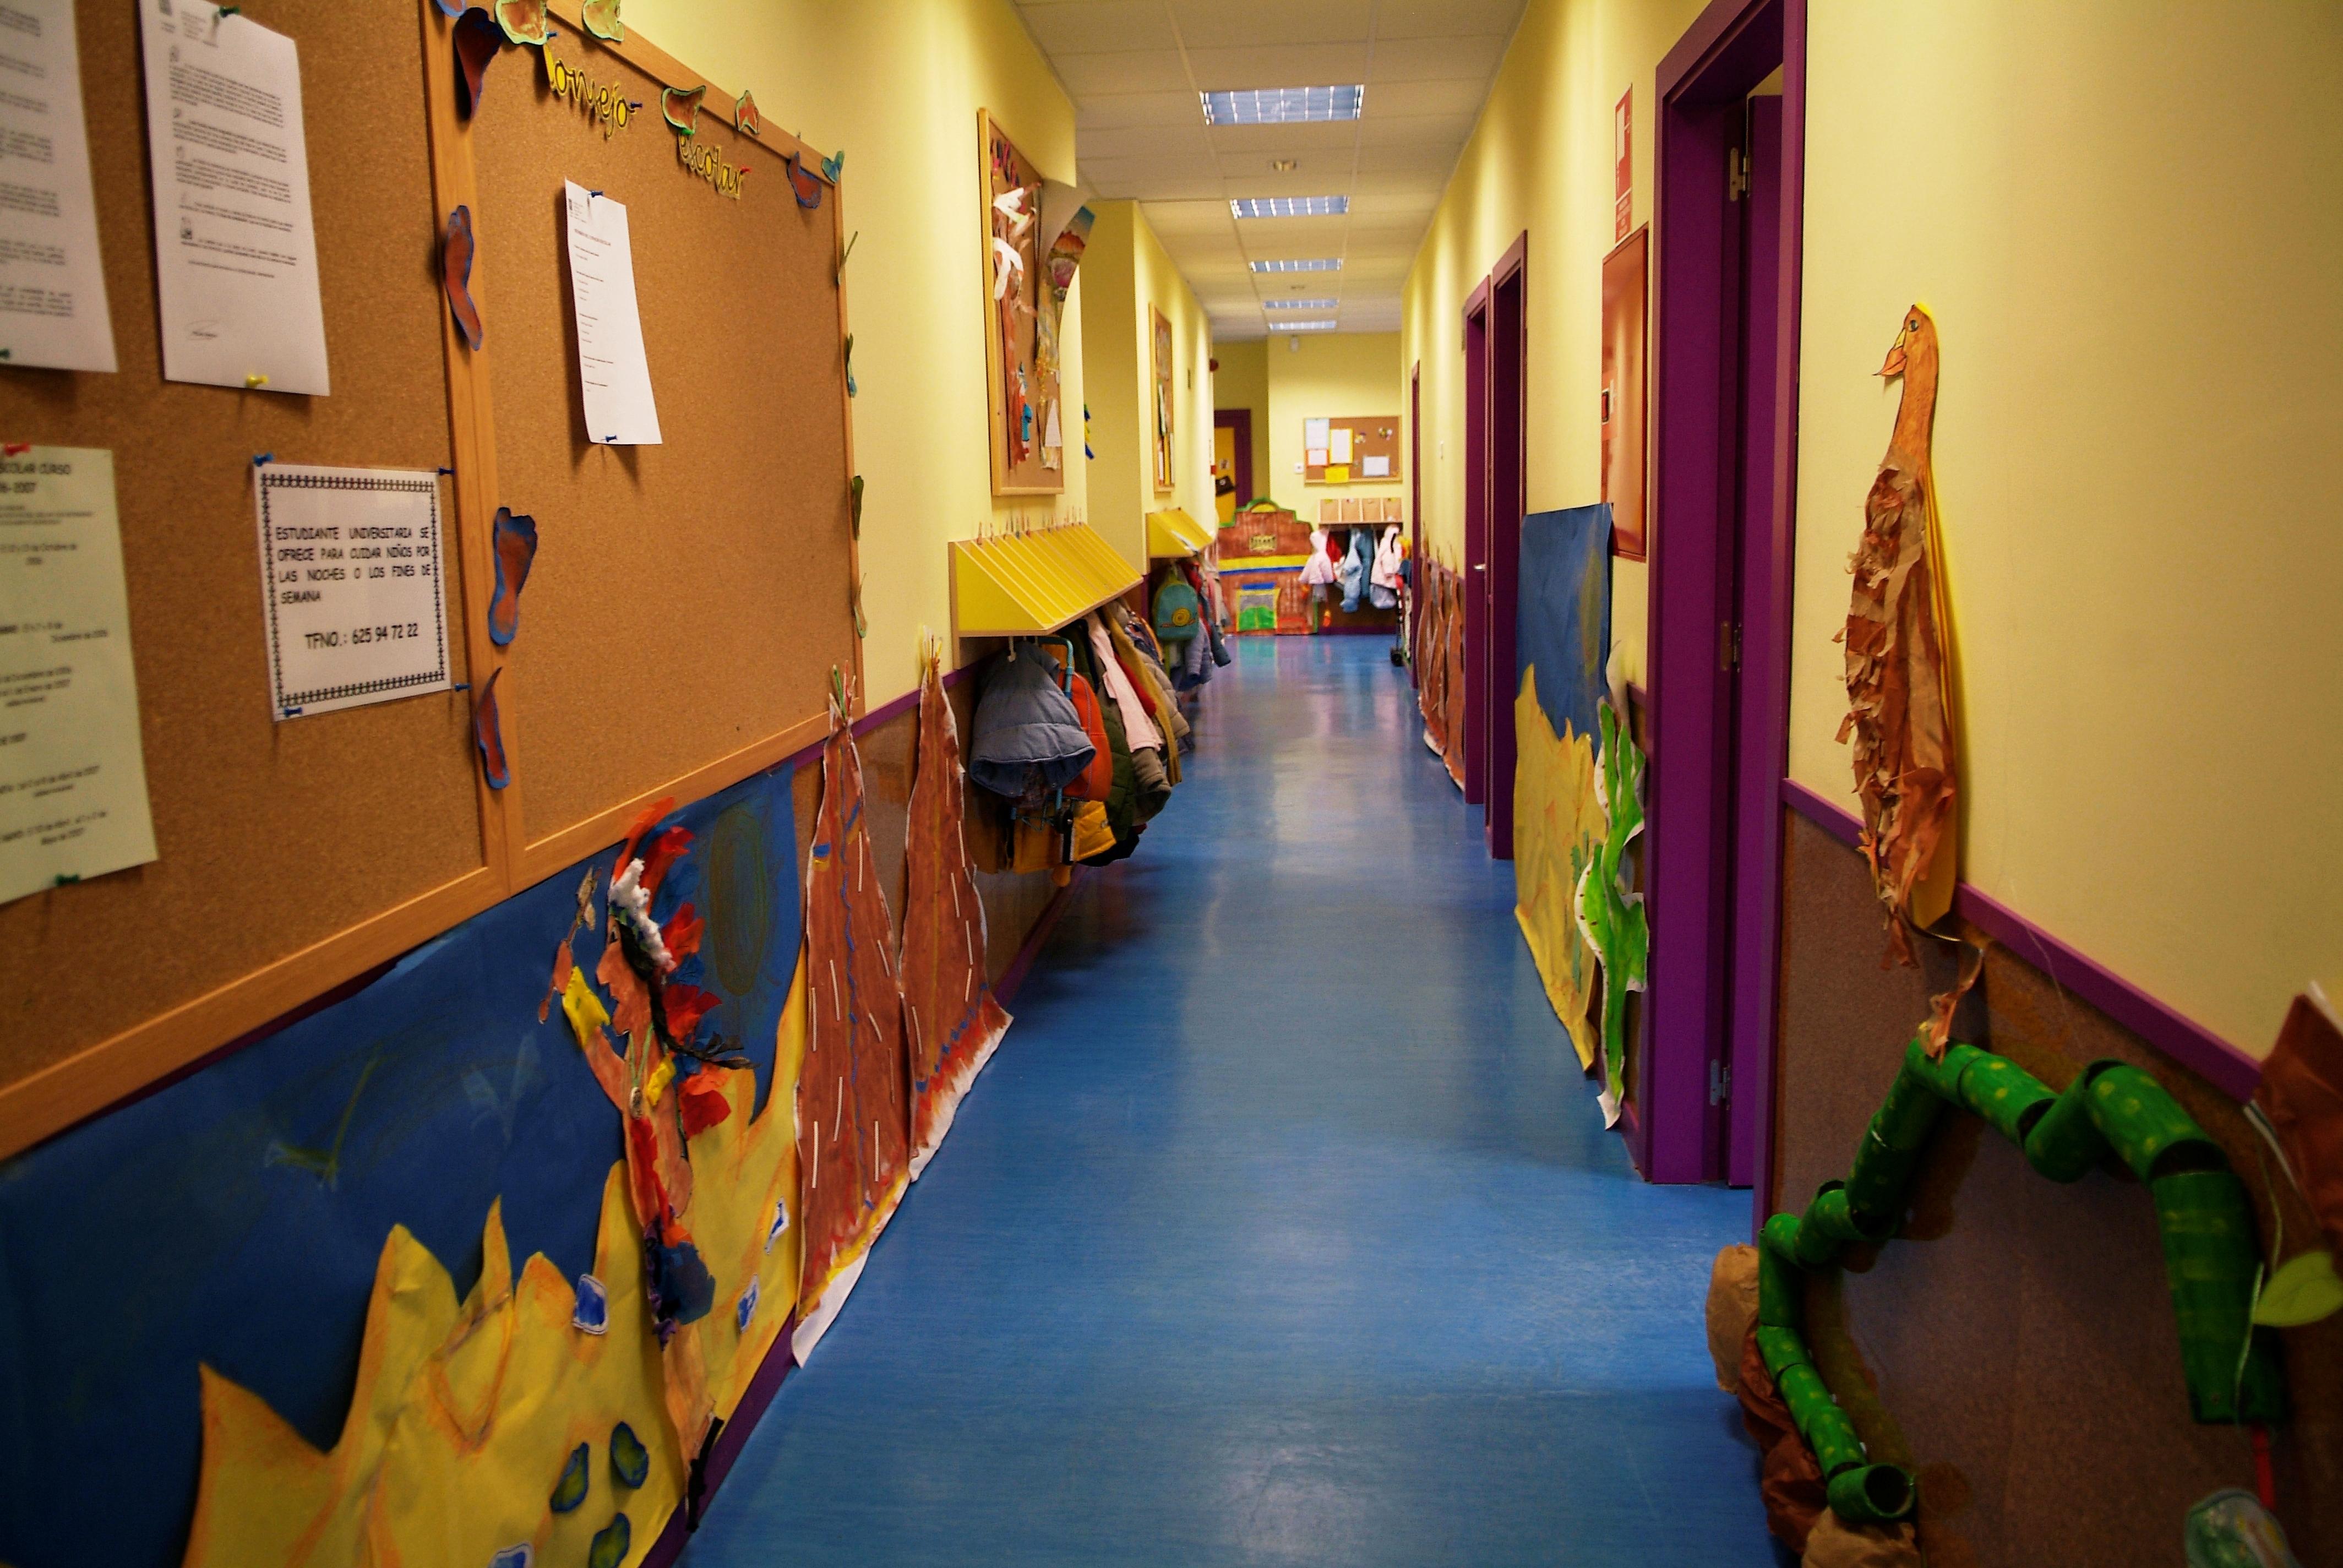 El psoe pide m s escuelas infantiles p blicas en pozuelo en pozuelo - Escuelas infantiles pozuelo ...